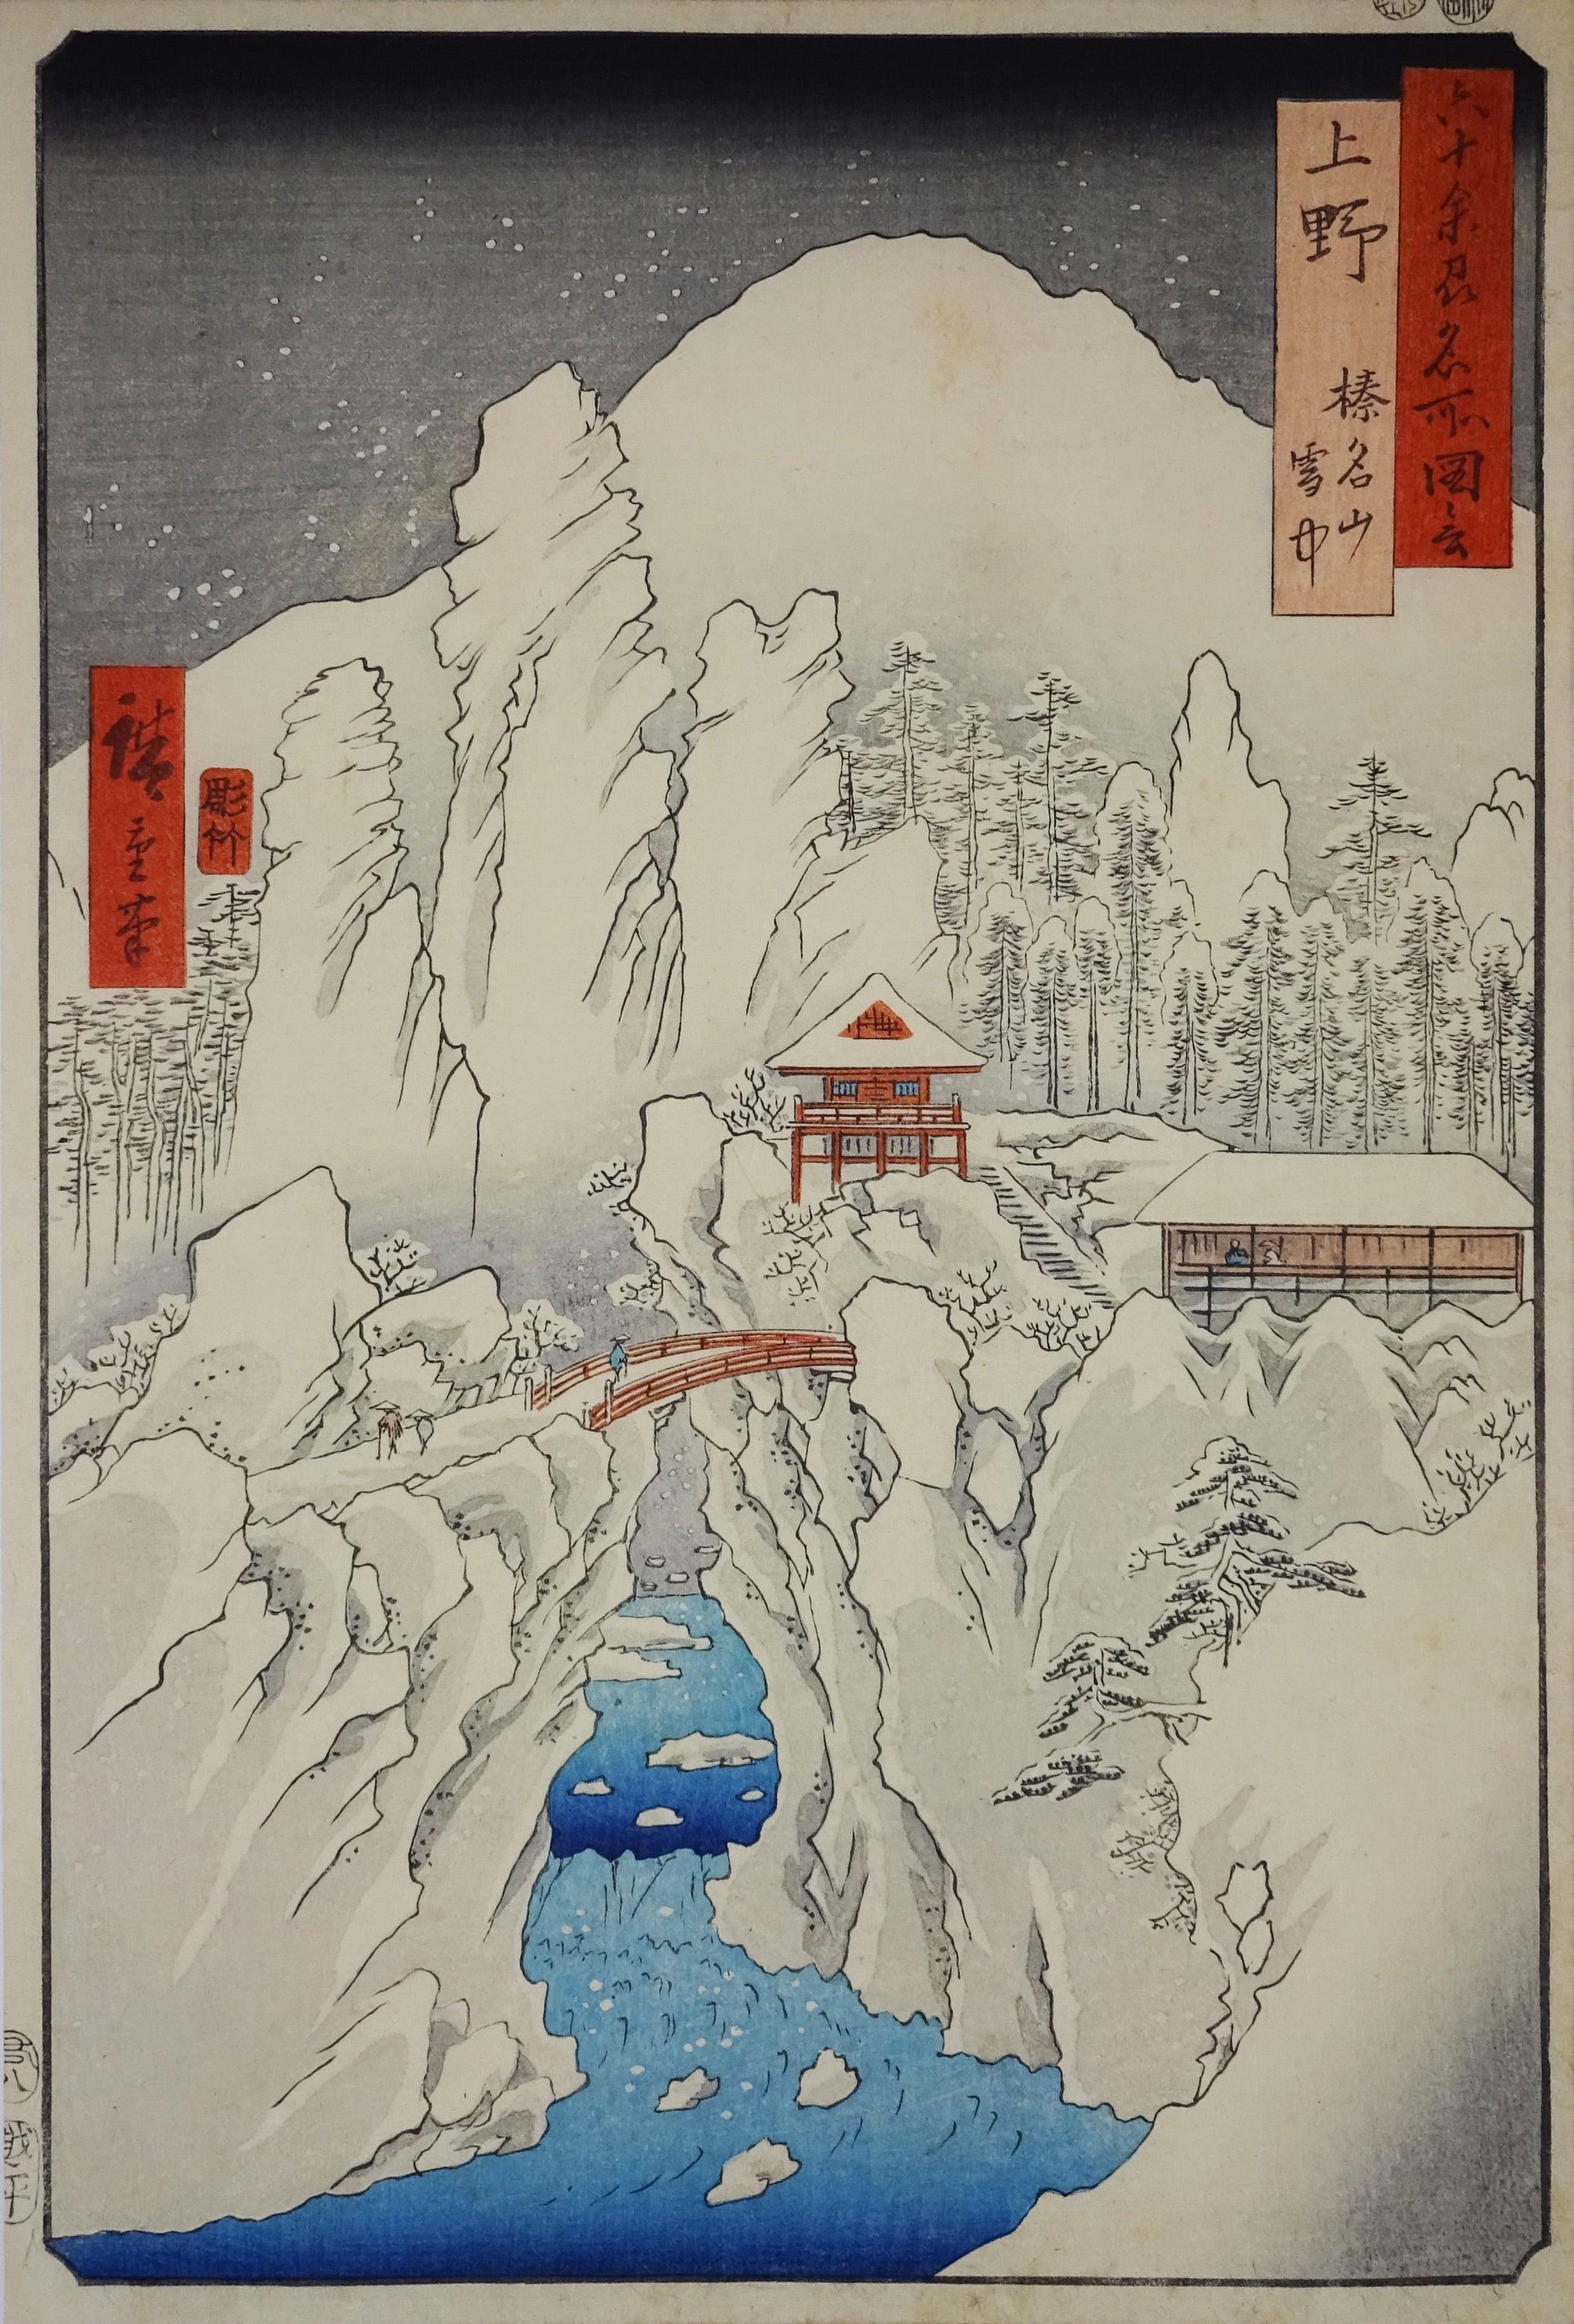 上野 榛名山雪中